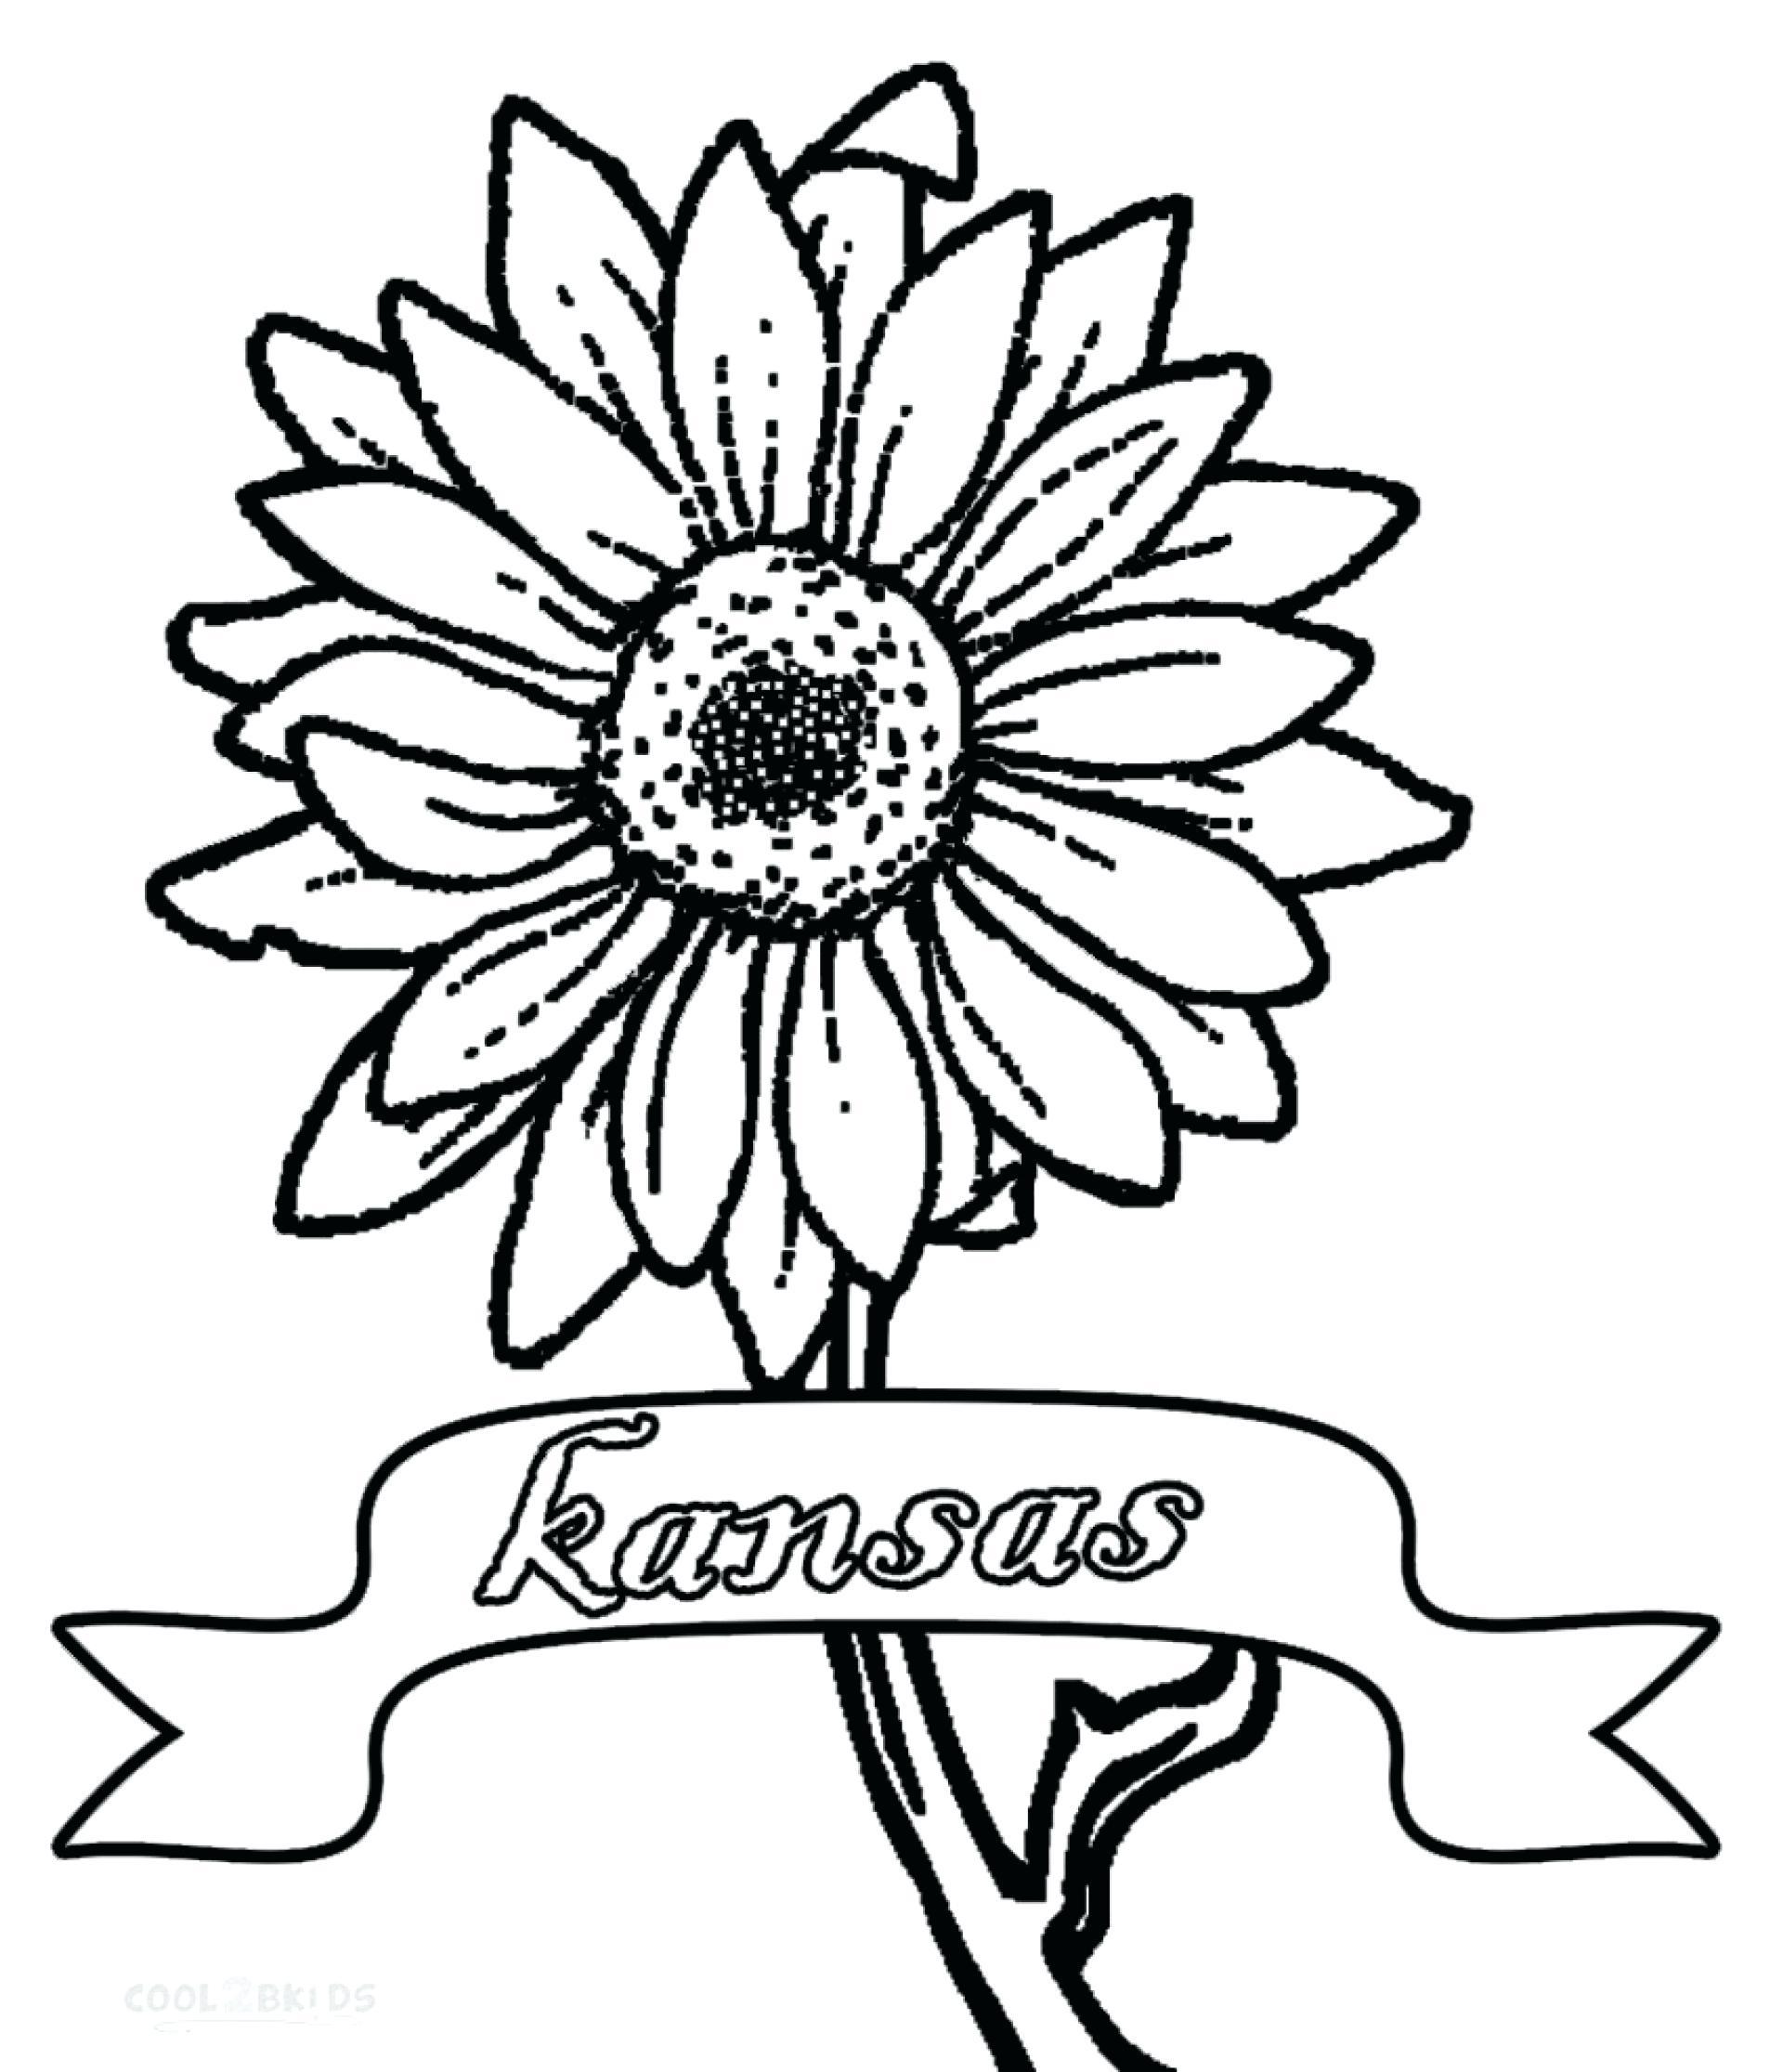 Free Printable Sunflower Stencils Sunflower Clip Art - Classy World - Free Printable Sunflower Template